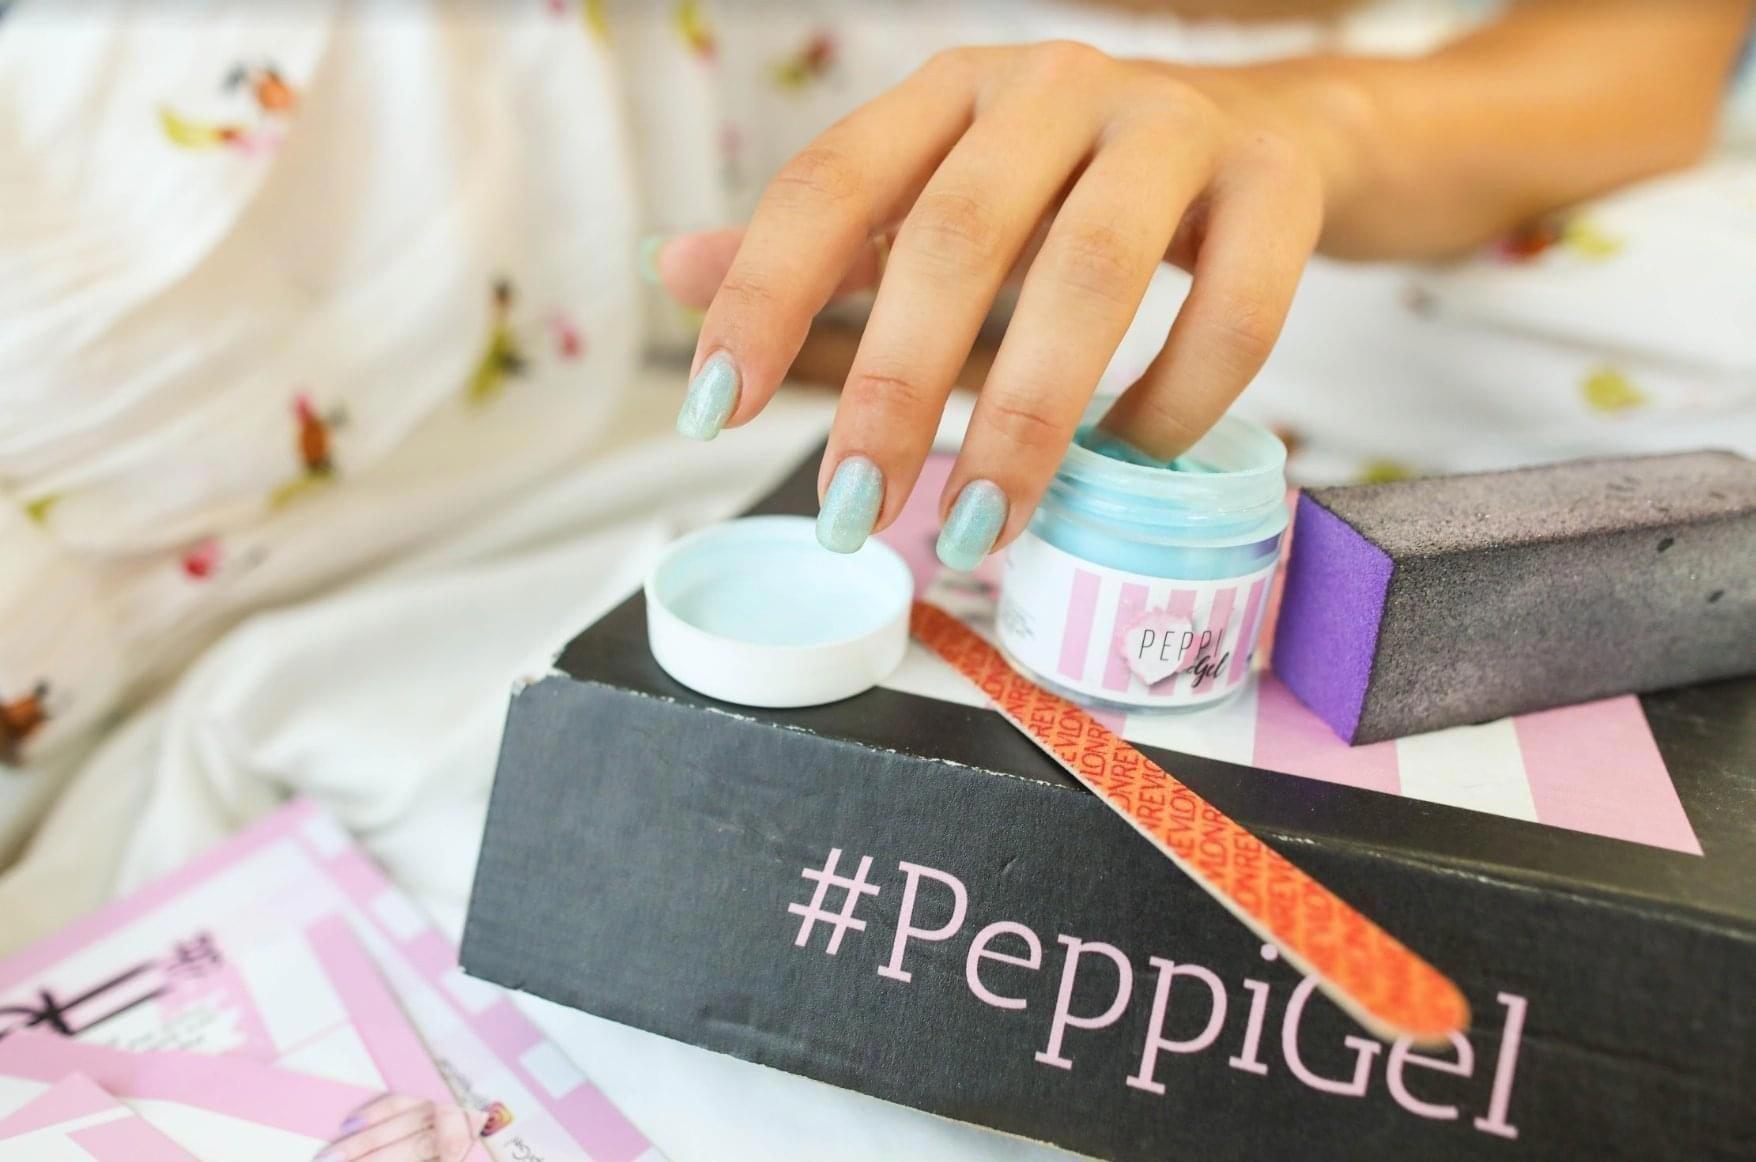 PeppiGel Dip  Starter Set Offer PeppiGel Dip  Starter Set Offer